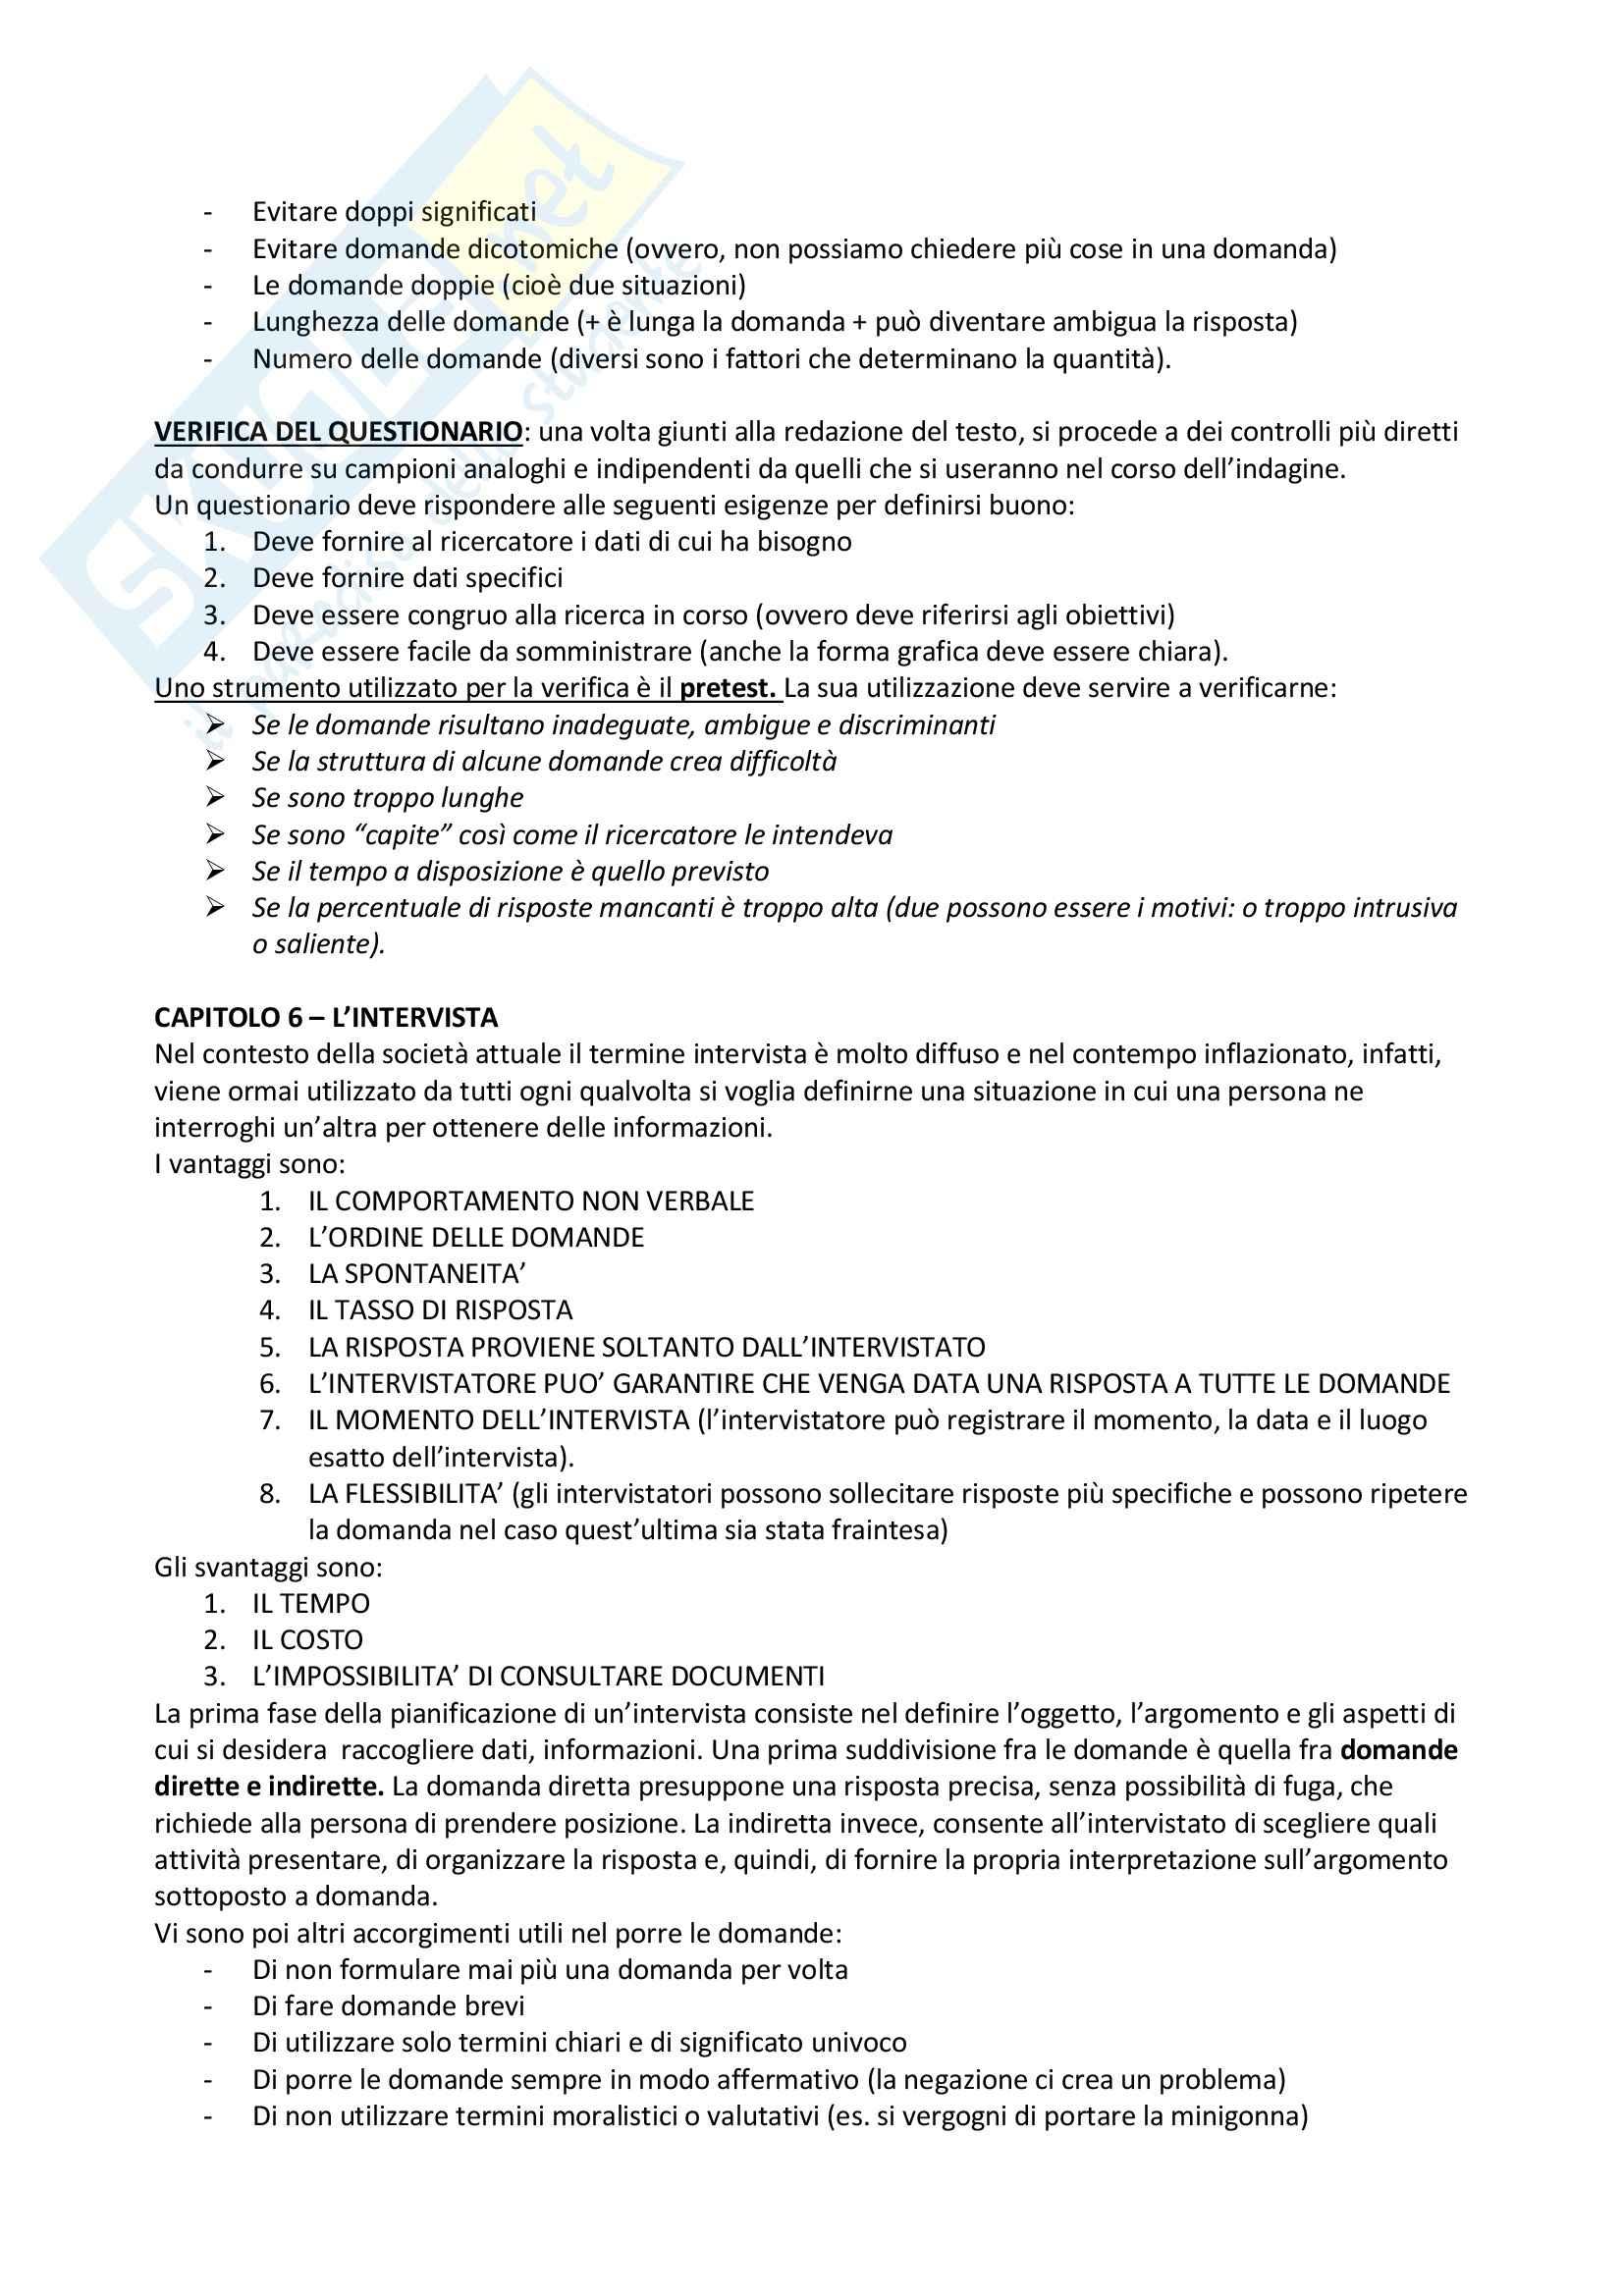 Pedagogia sperimentale - gli strumenti per la ricerca educativa Pag. 16